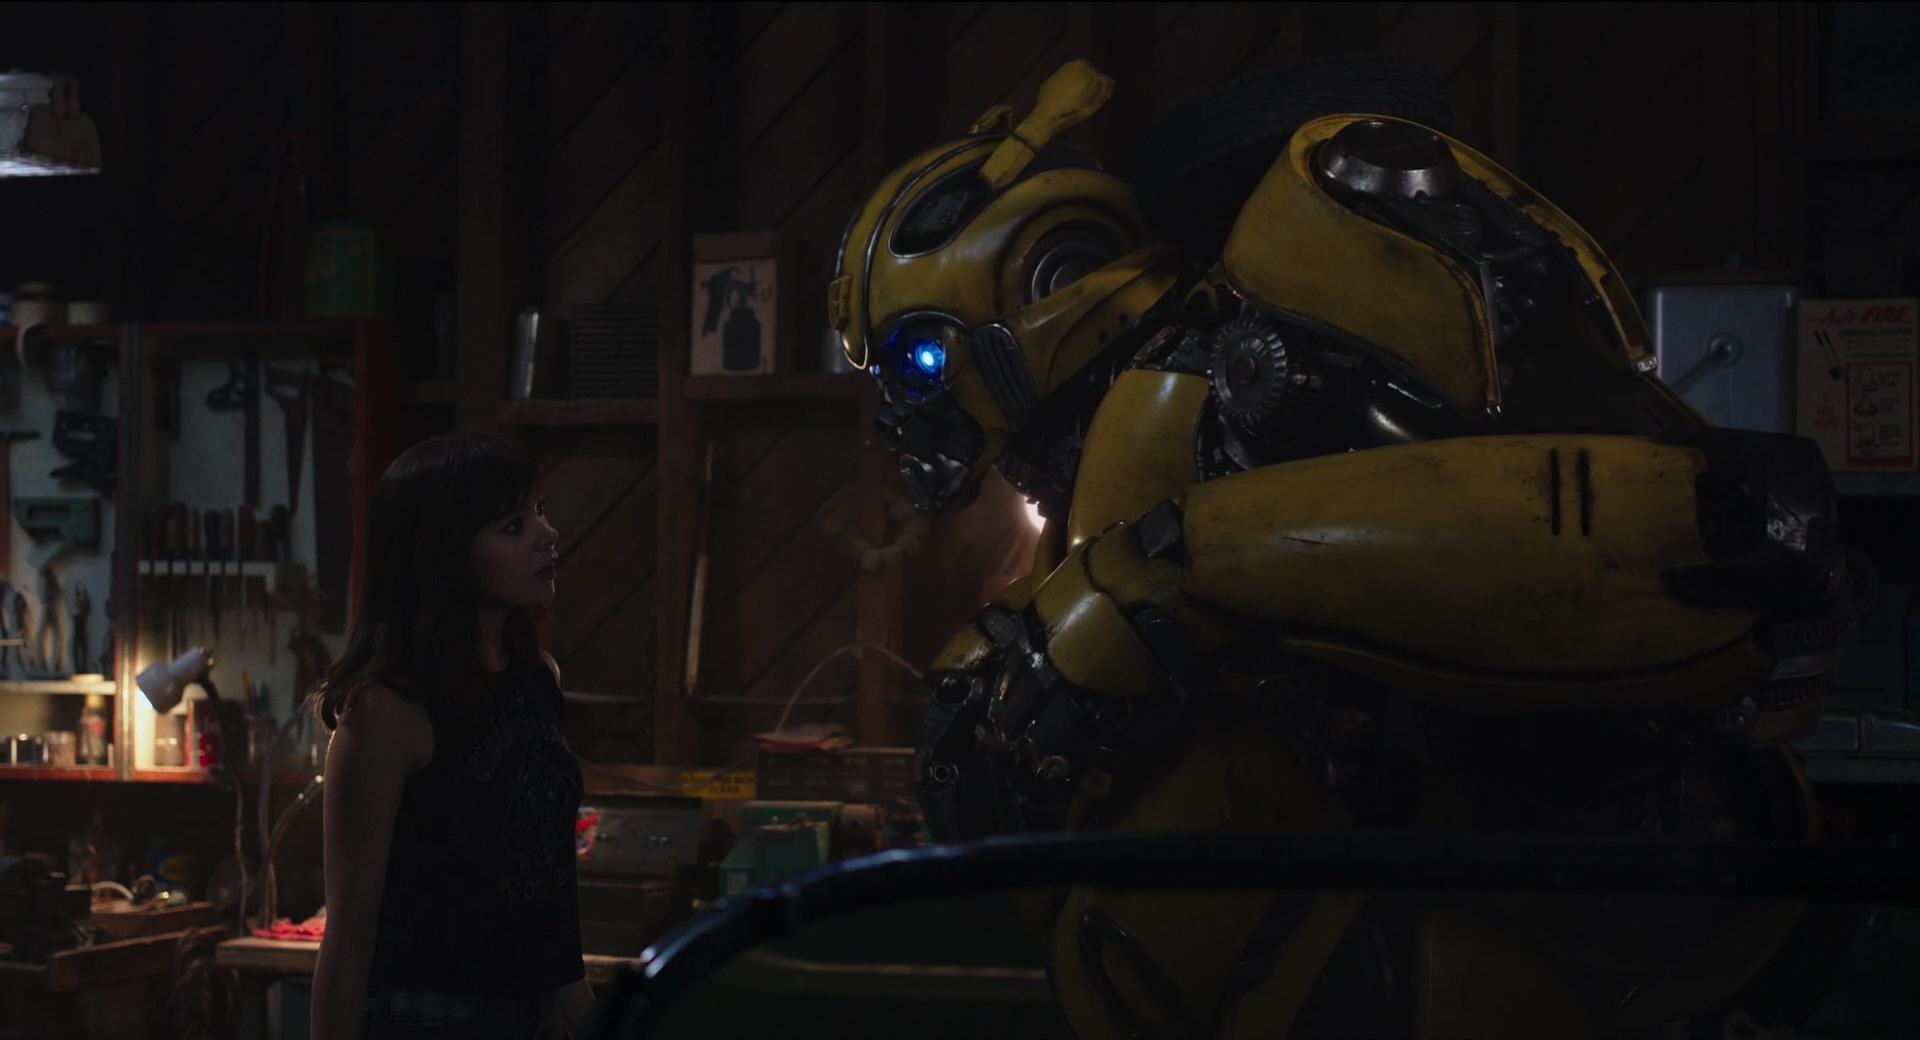 """《大黄蜂》发布""""蜂狂开战""""预告 大黄蜂绝境出击迎"""